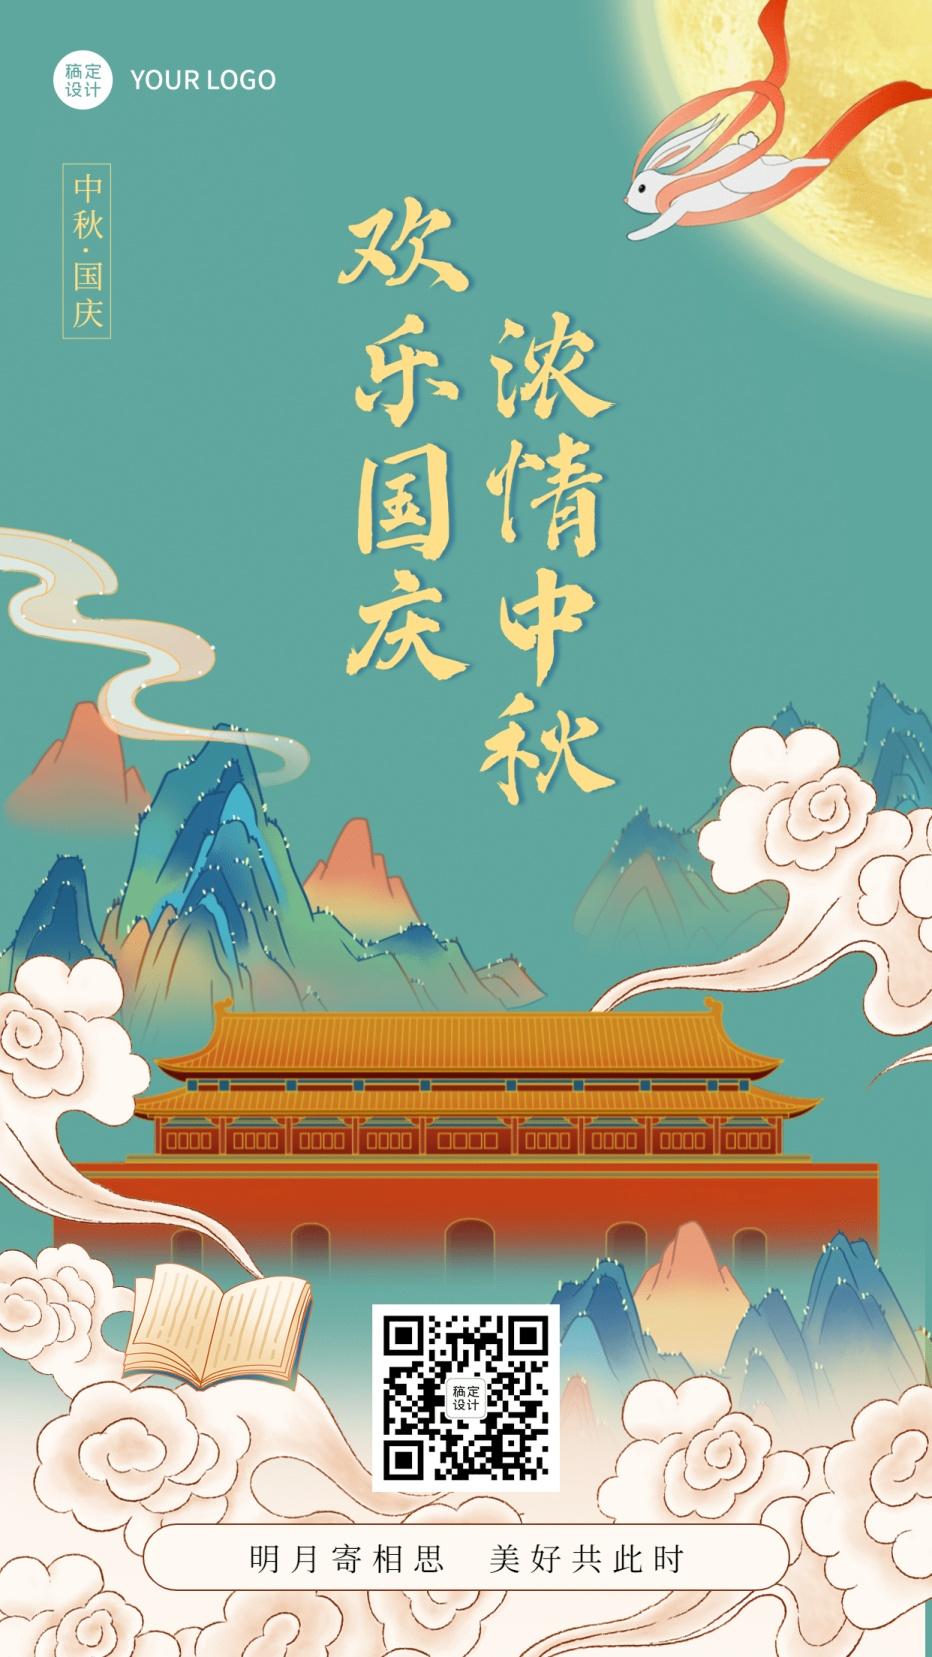 中秋节国庆节中国风插画手机海报